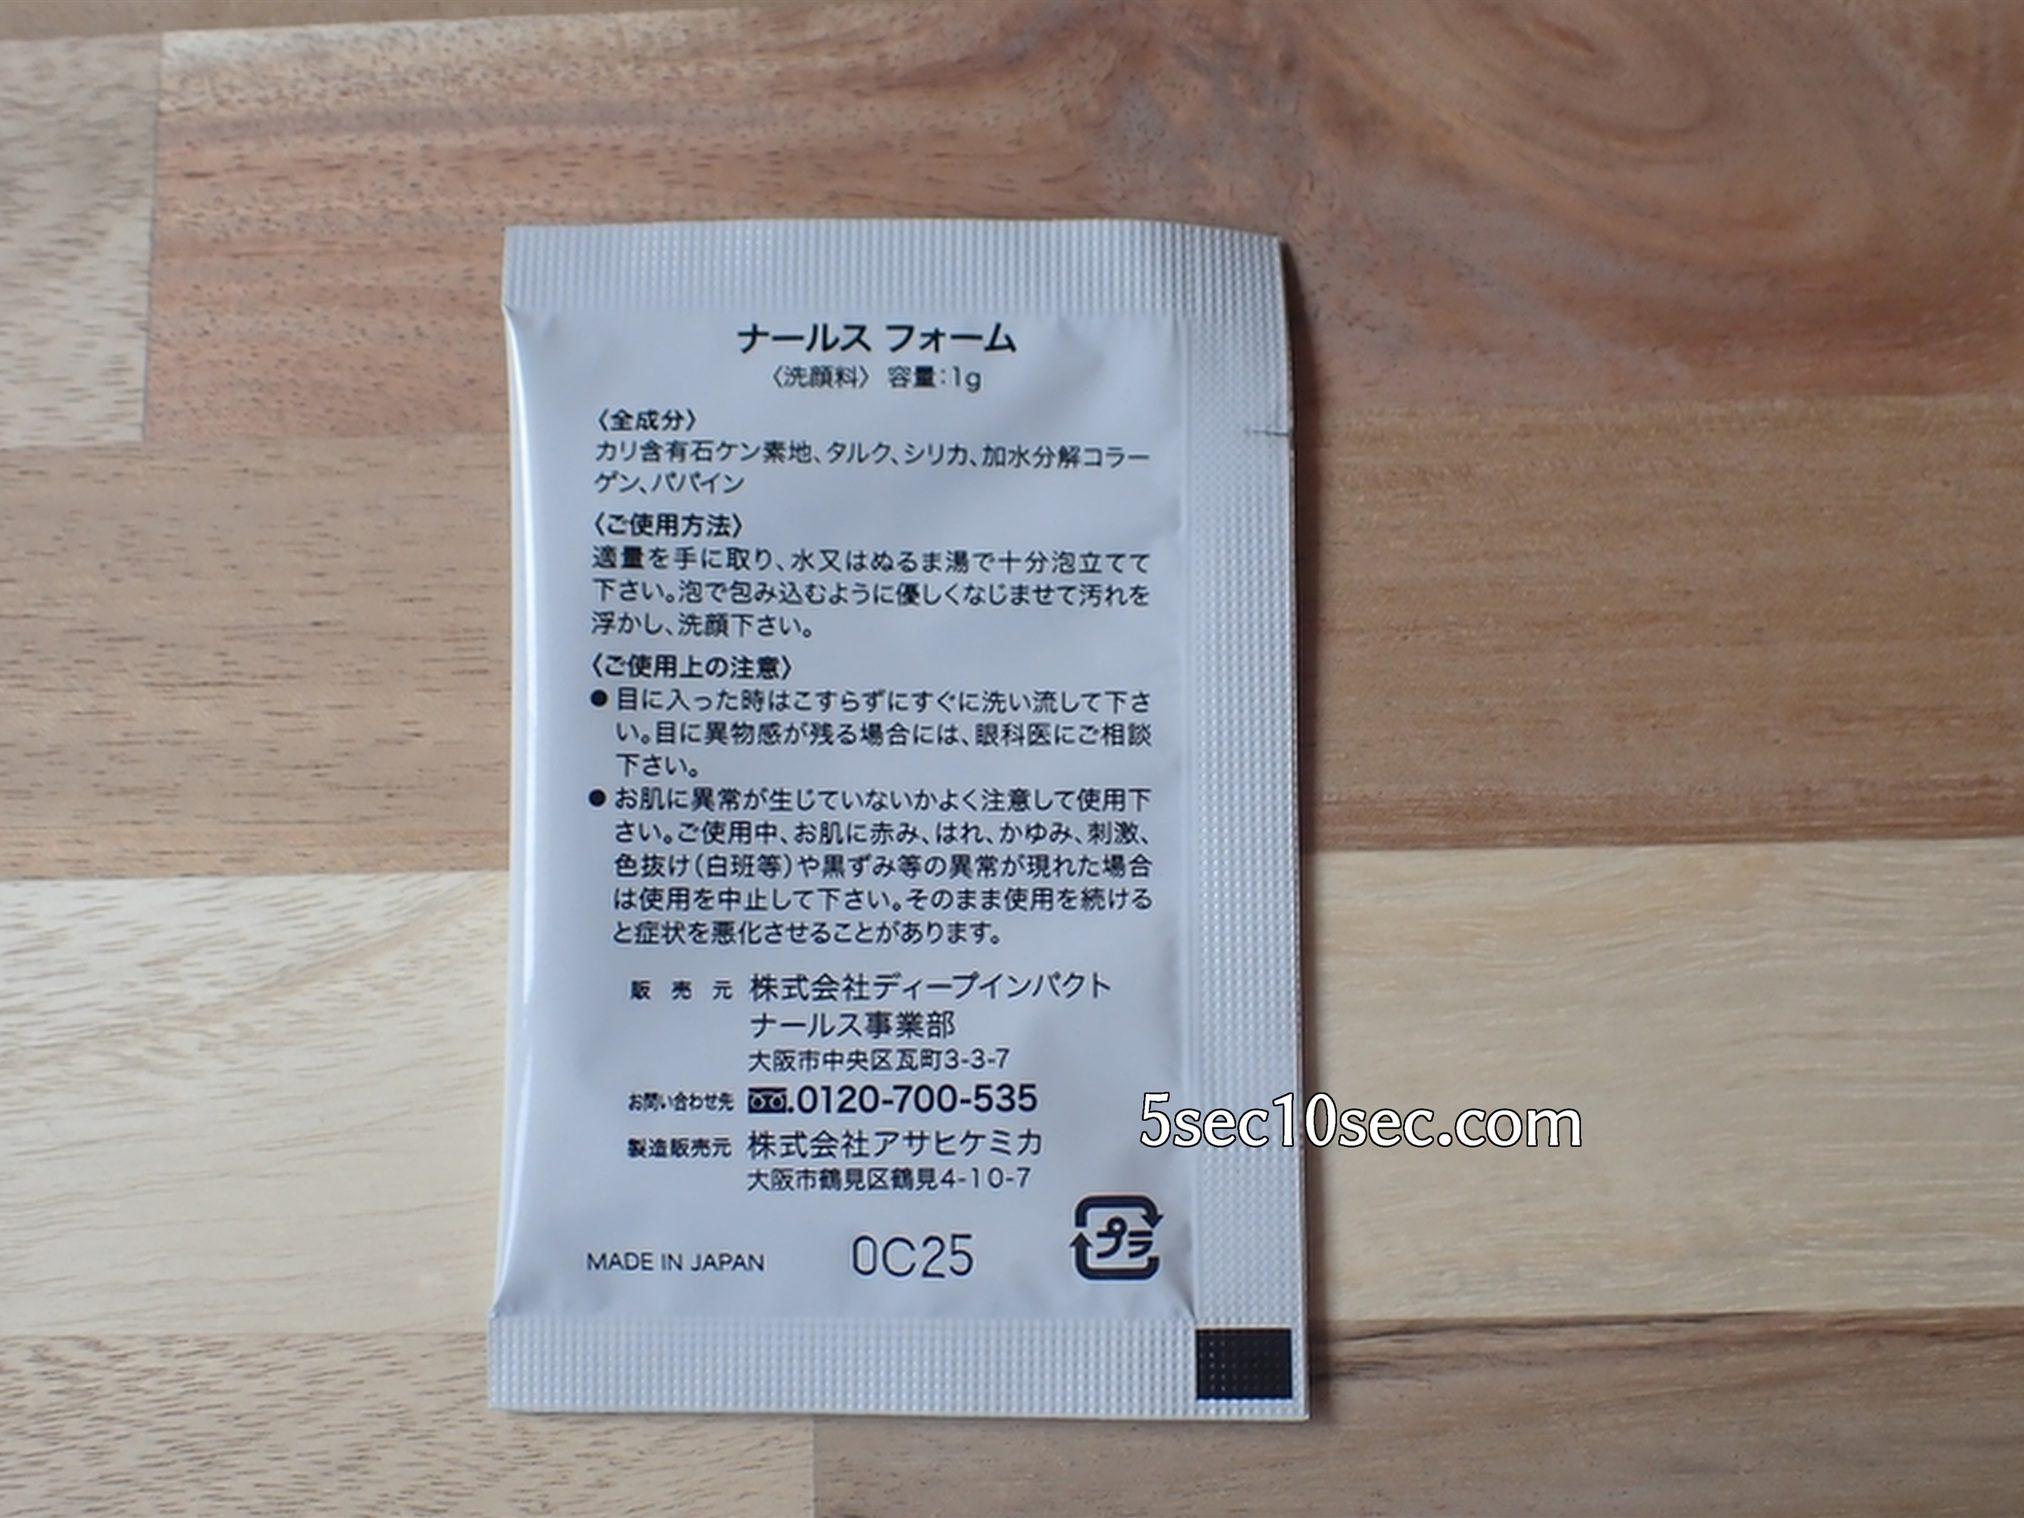 ナールス フォーム 防腐剤・香料・着色料不使用の無添加でシンプルに良い成分になっている洗顔です